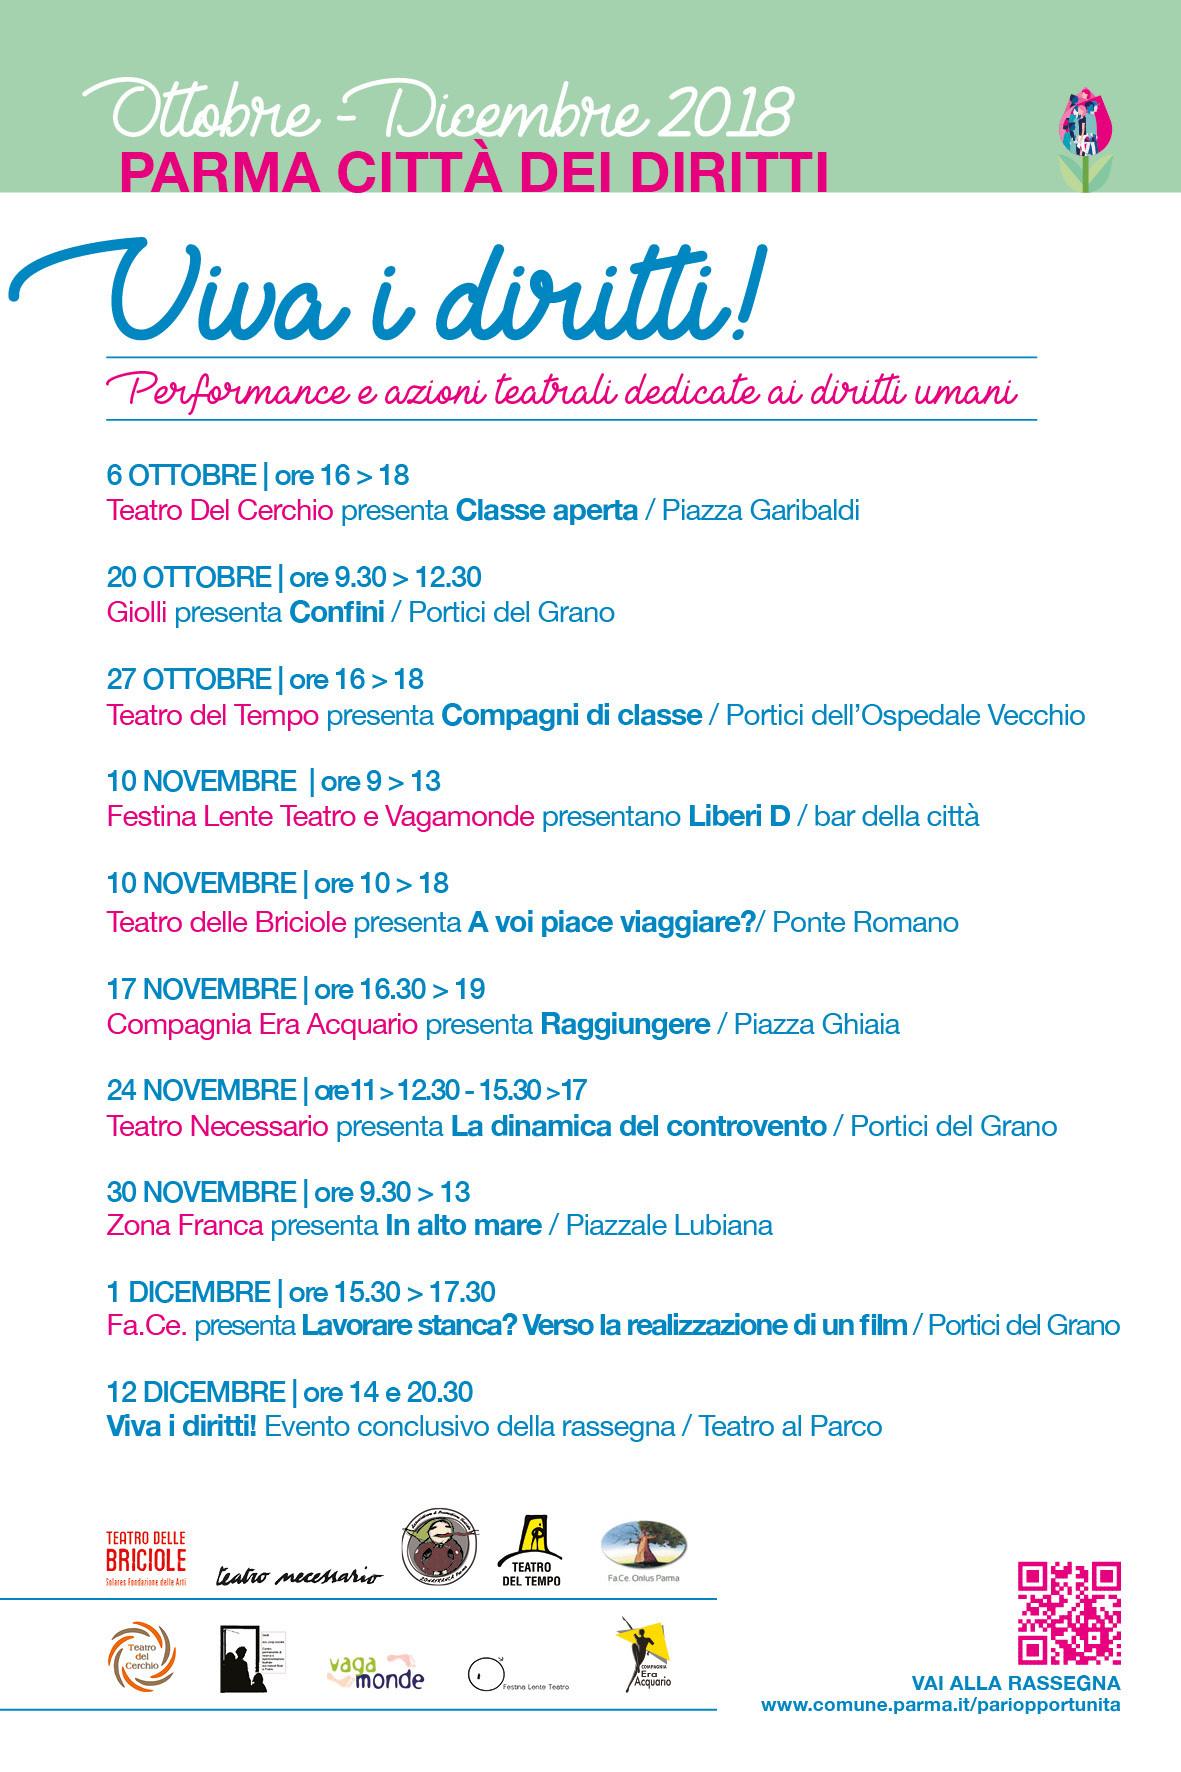 Parma città dei diritti  Eventi, performance e azioni teatrali